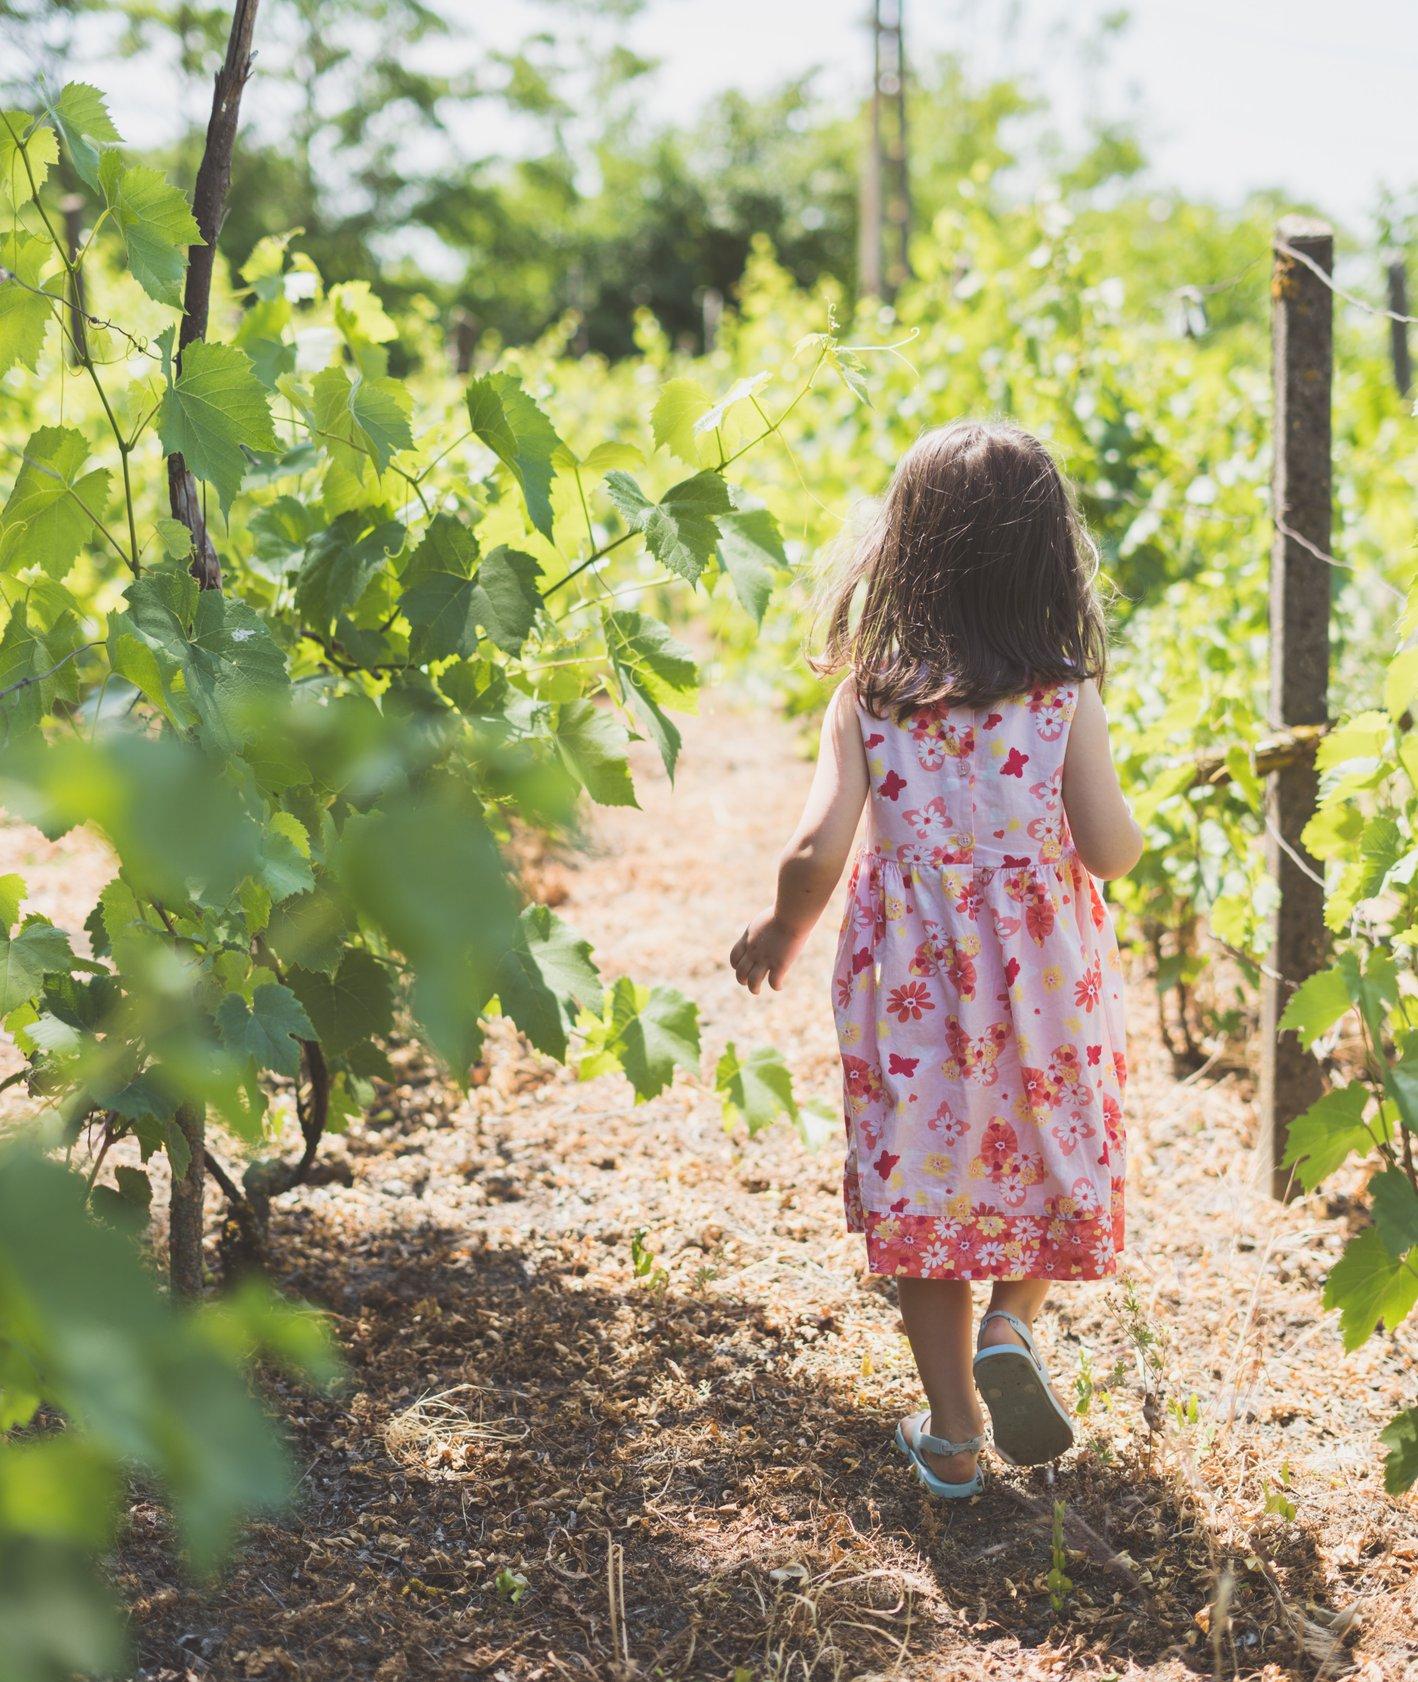 dziewczynka spaceruje wśród winorośli